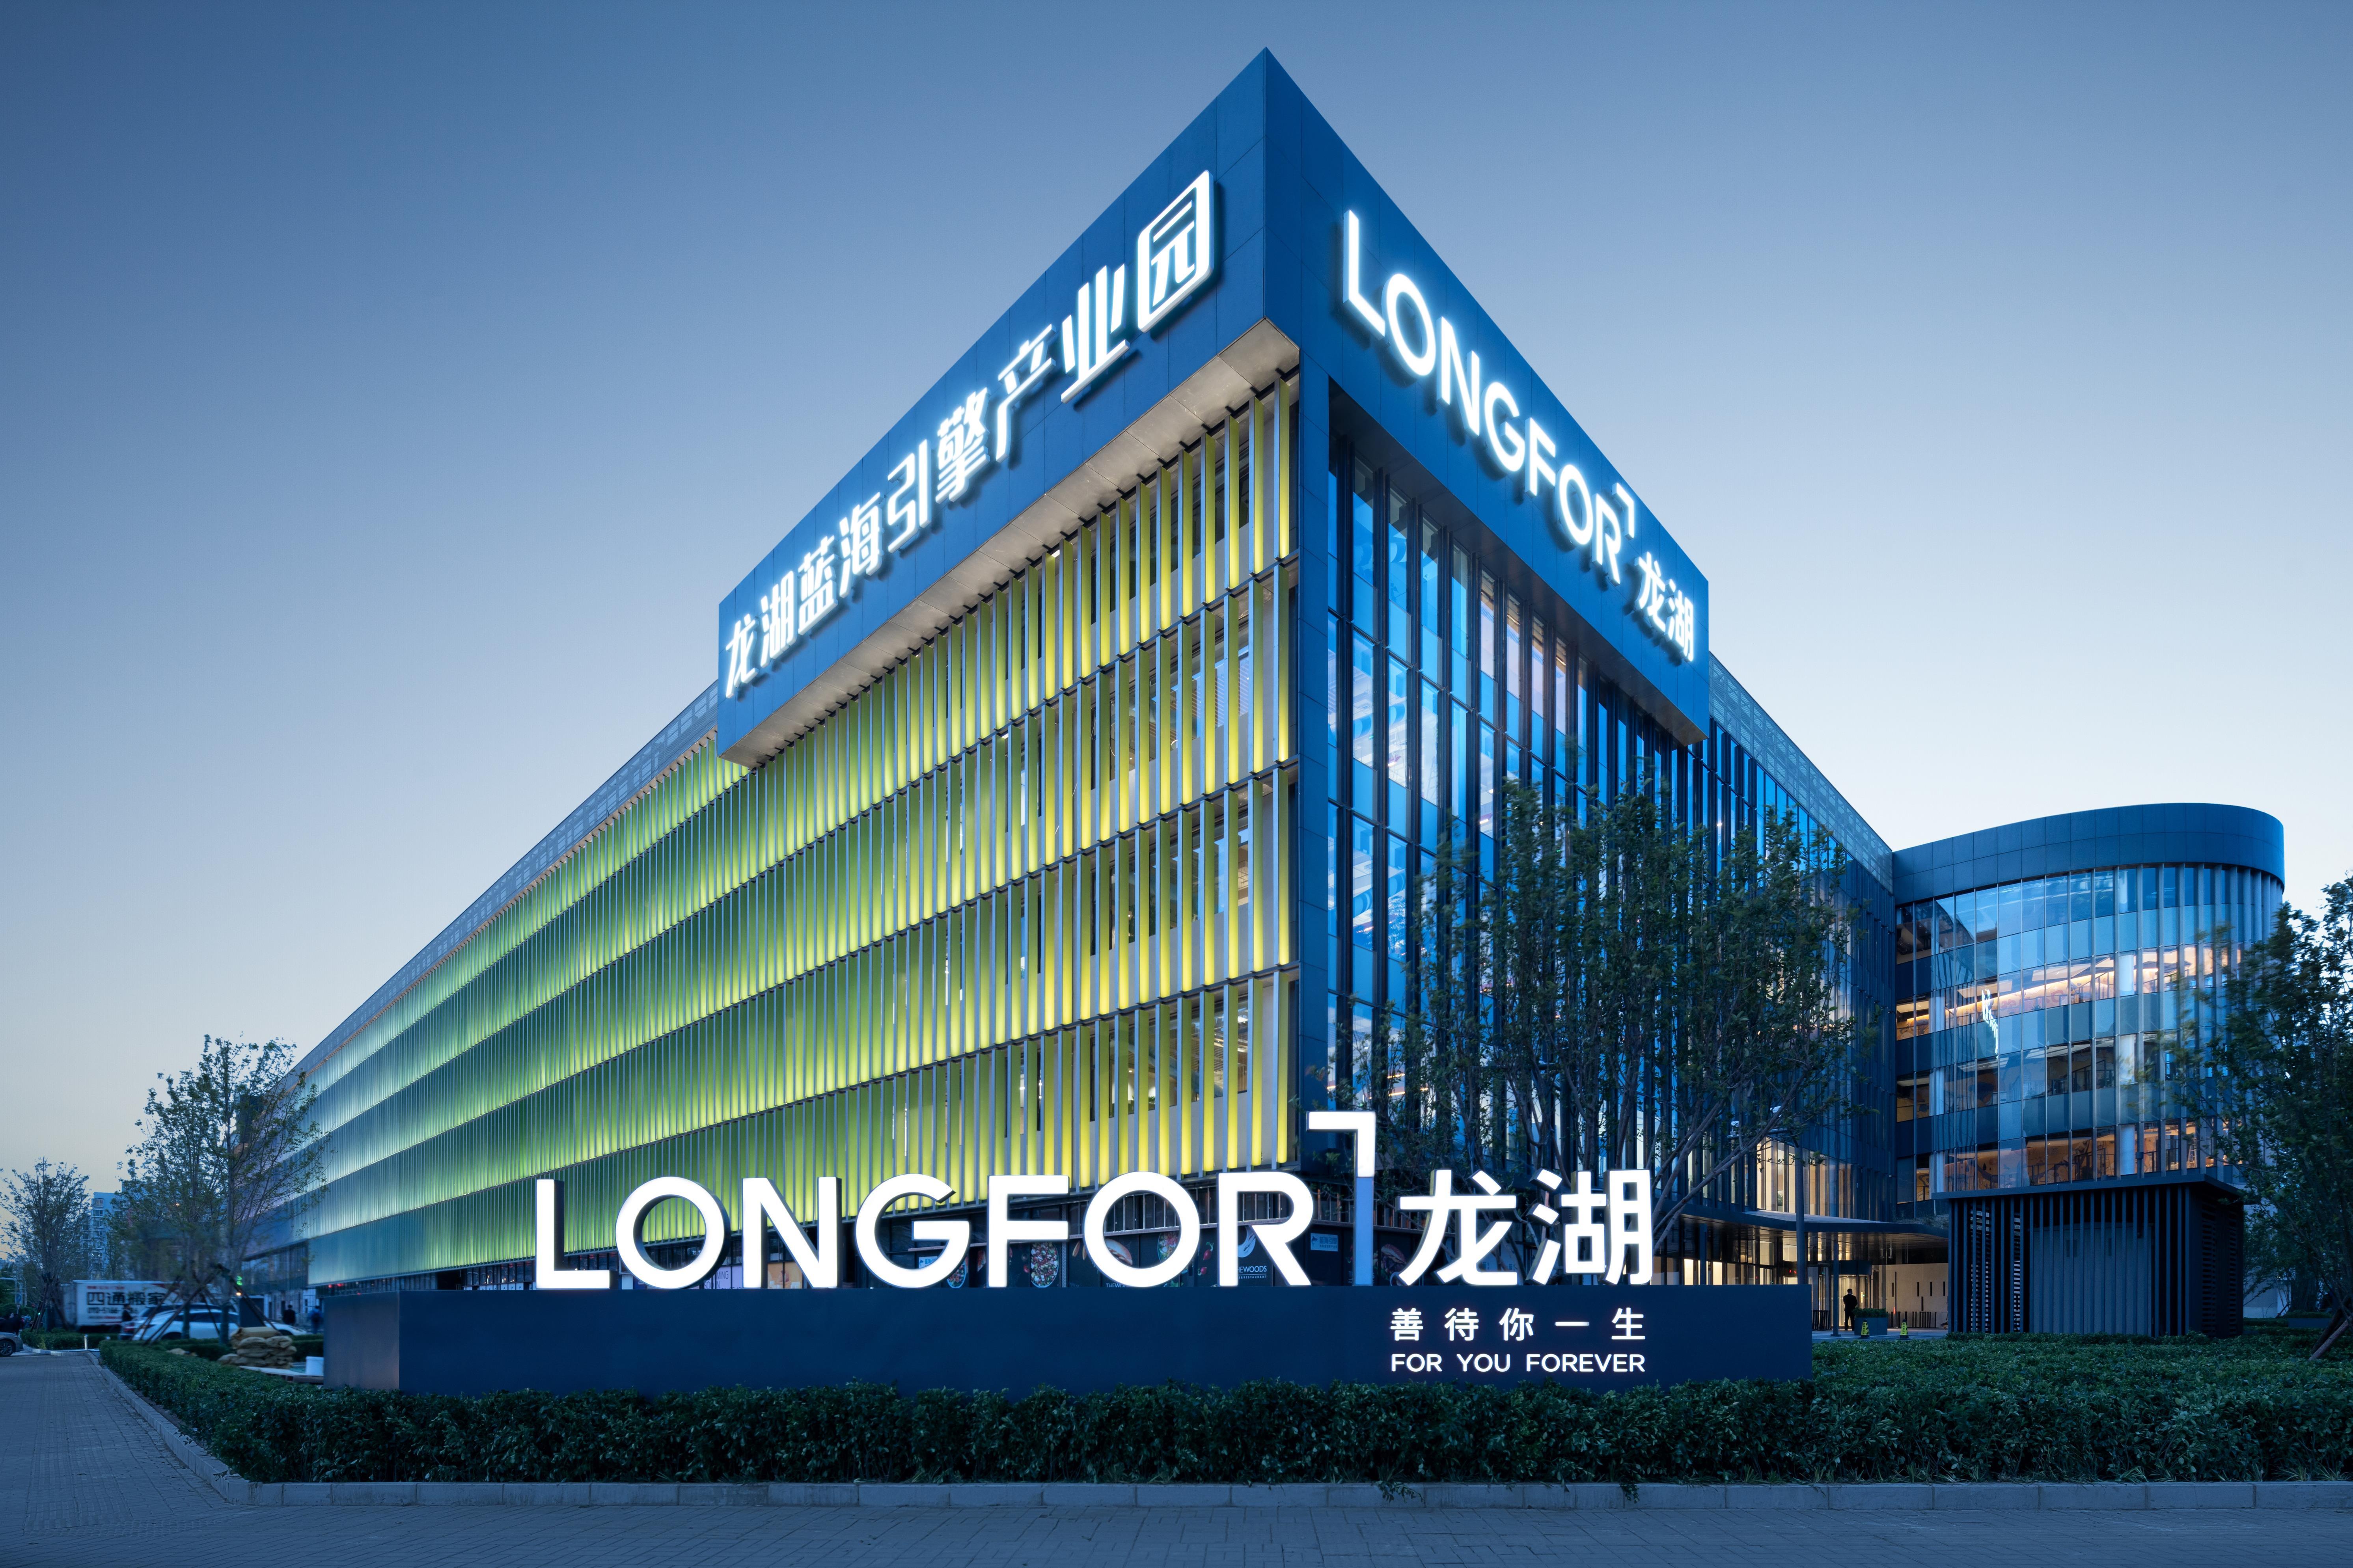 2021《财富》中国500强揭晓,龙湖位列第61位